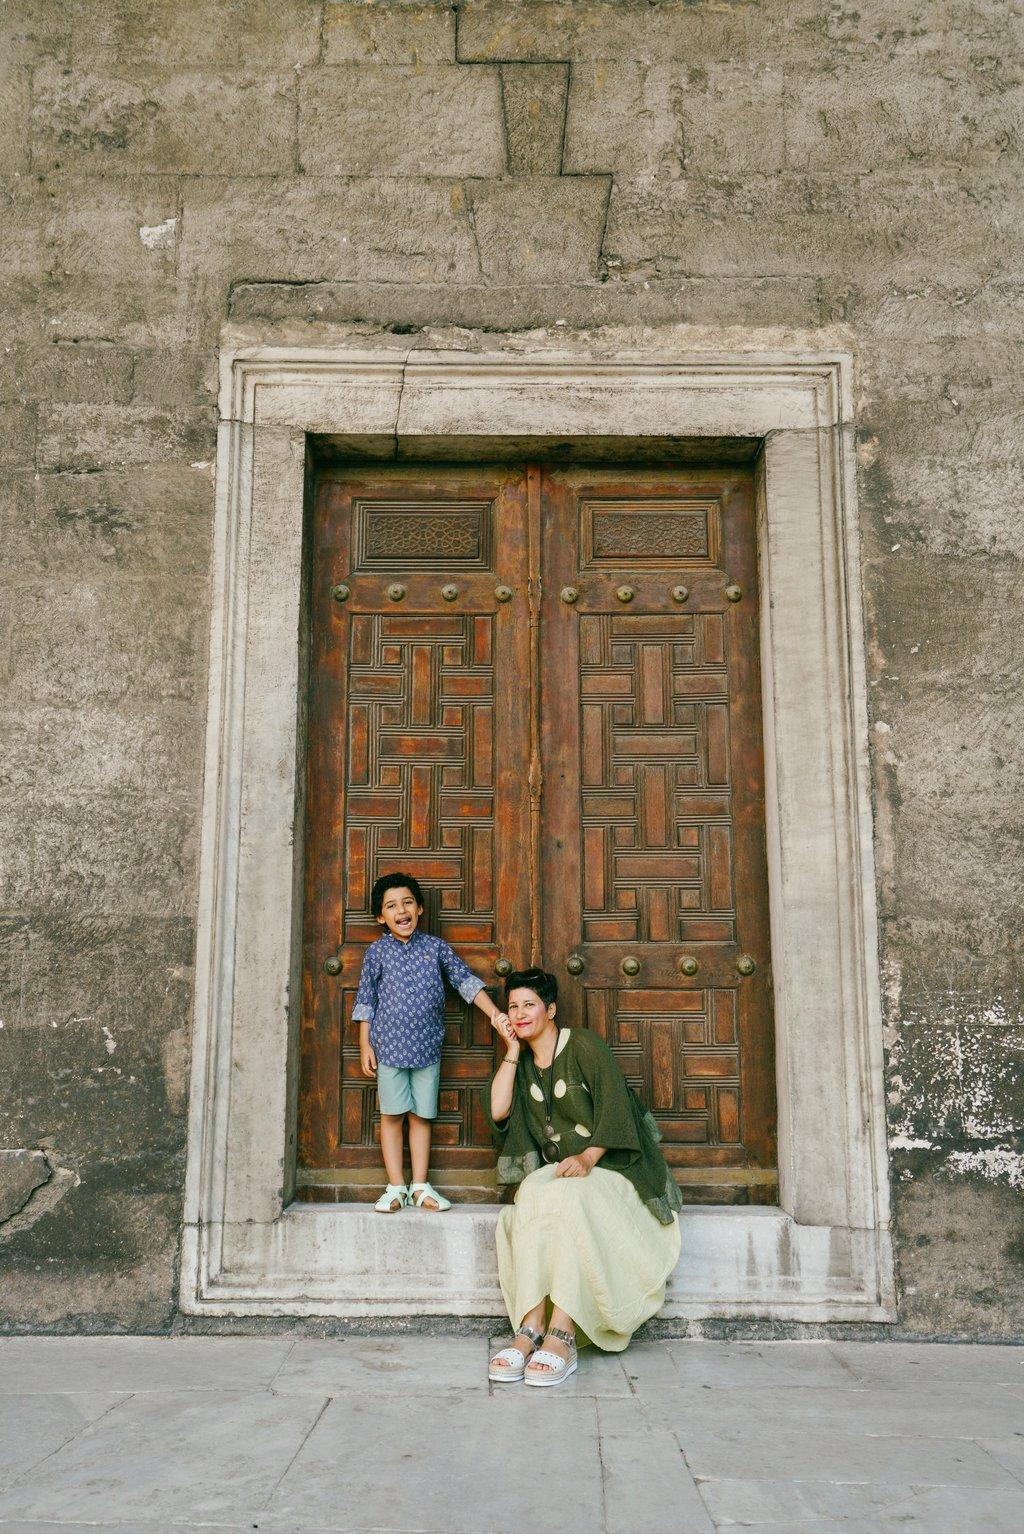 Murat G's Portfolio - Image 7